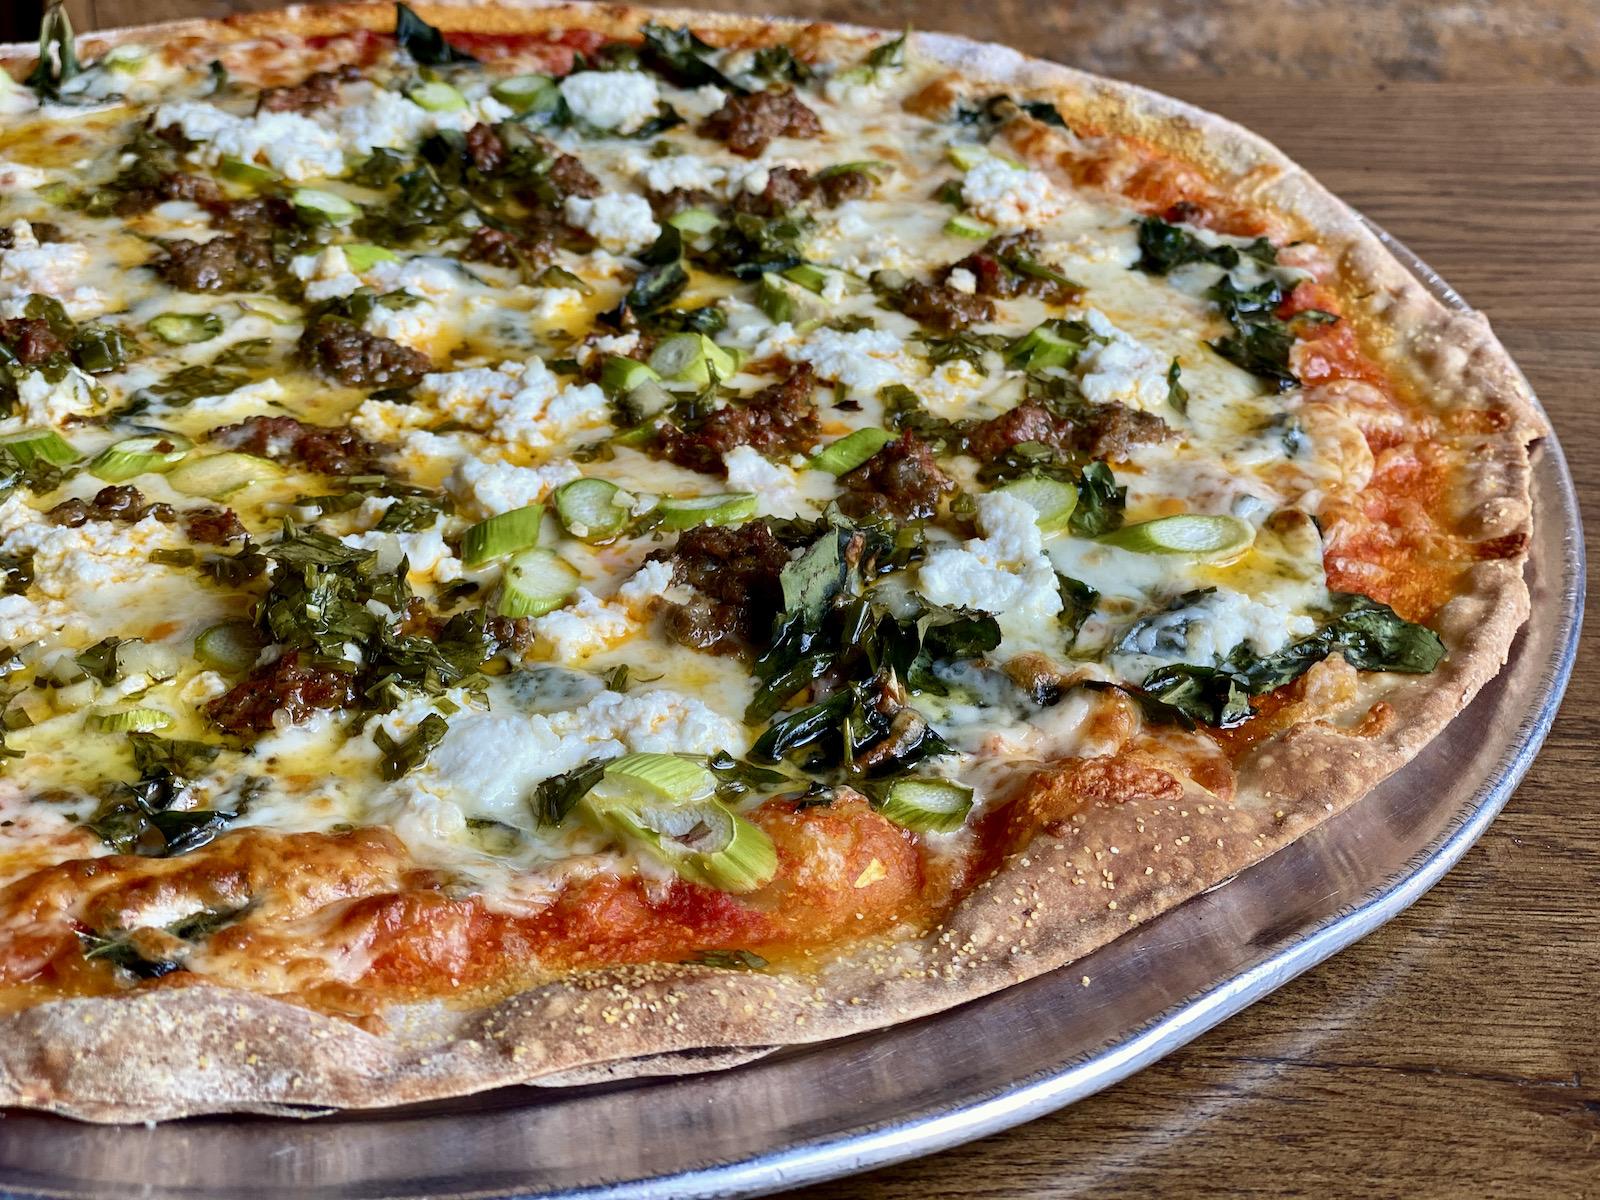 The Pinn Oak Pizza